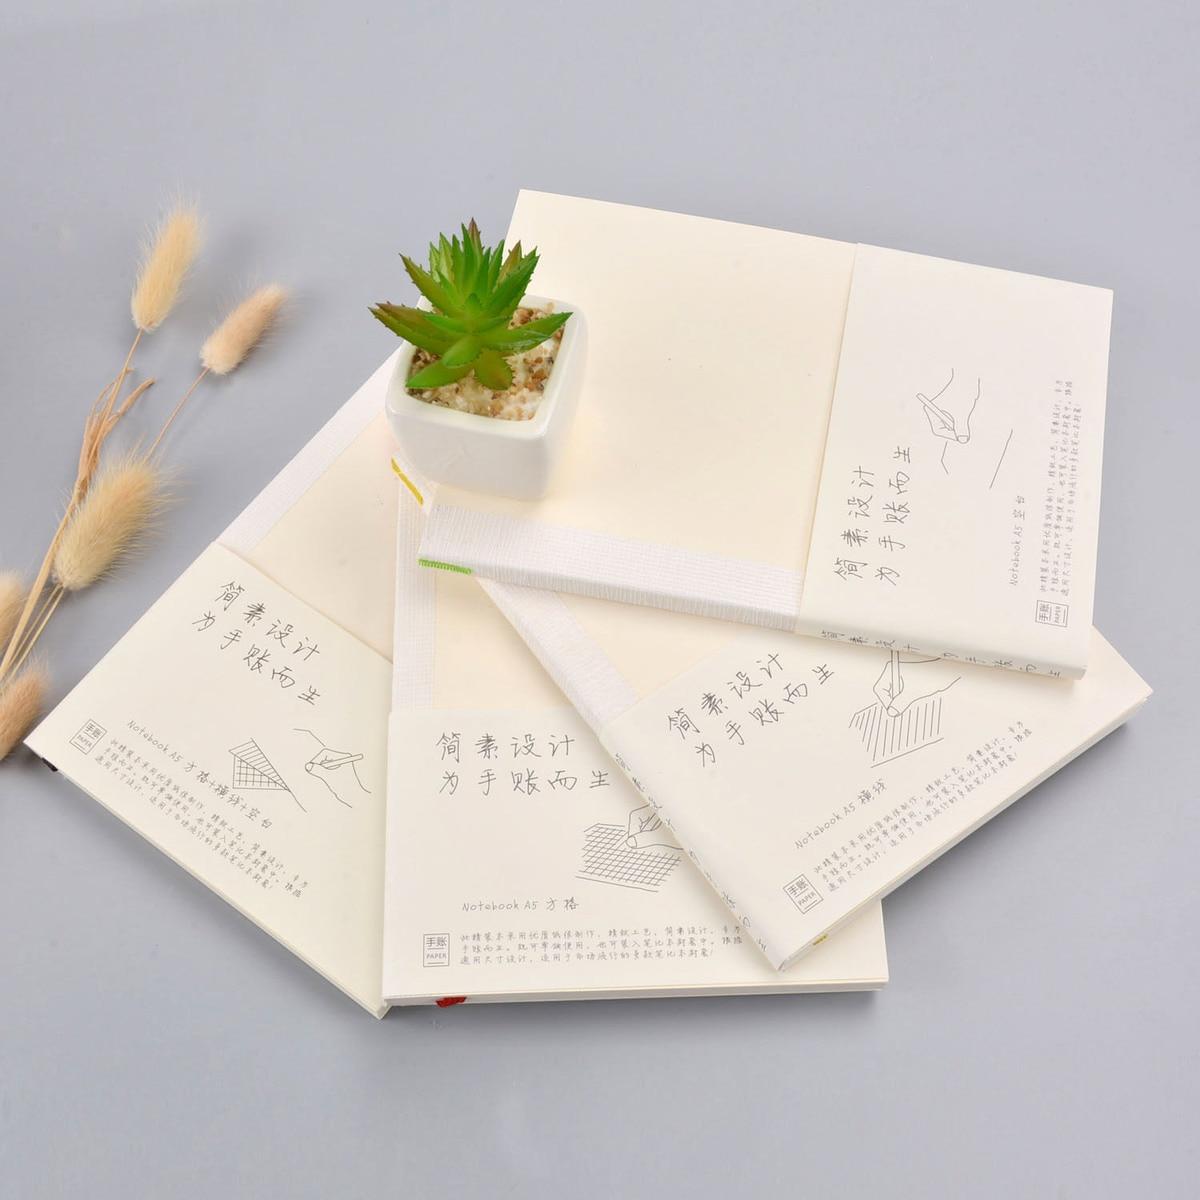 Brand New Planner Sätt in dagbokspåfyllnad för A5 A6 Storlek - Block och anteckningsböcker - Foto 4